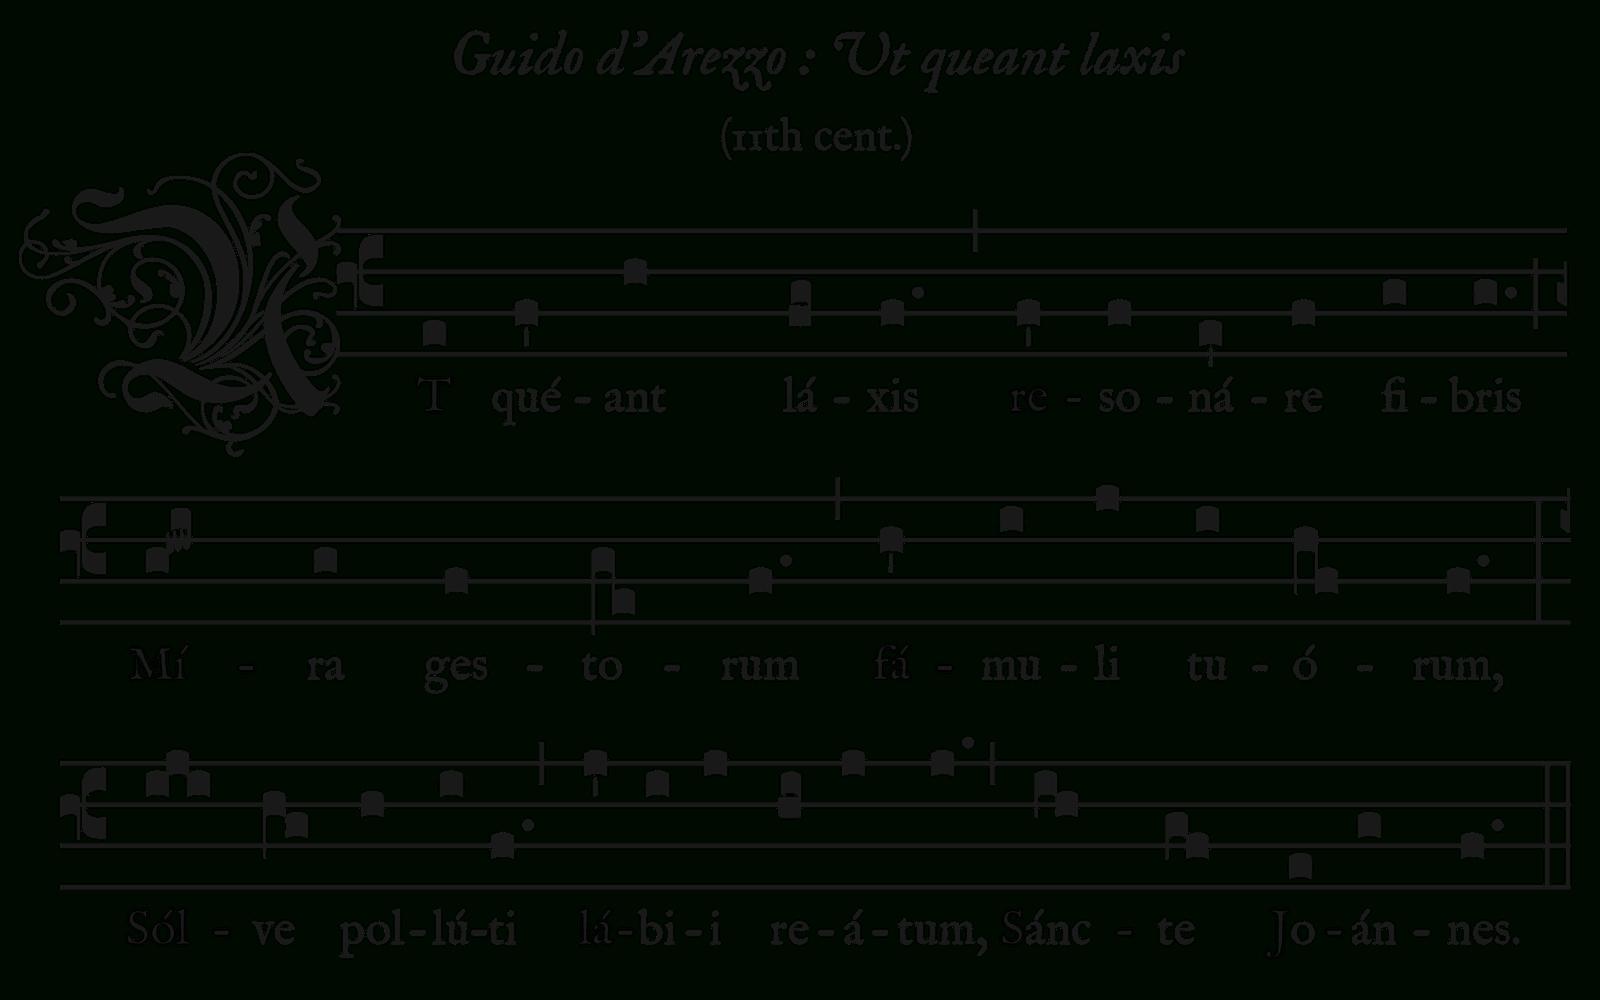 Apprendre Le Piano Gratuitement Et Rapidement [Efficace pour Apprendre A Ecrire Gratuit